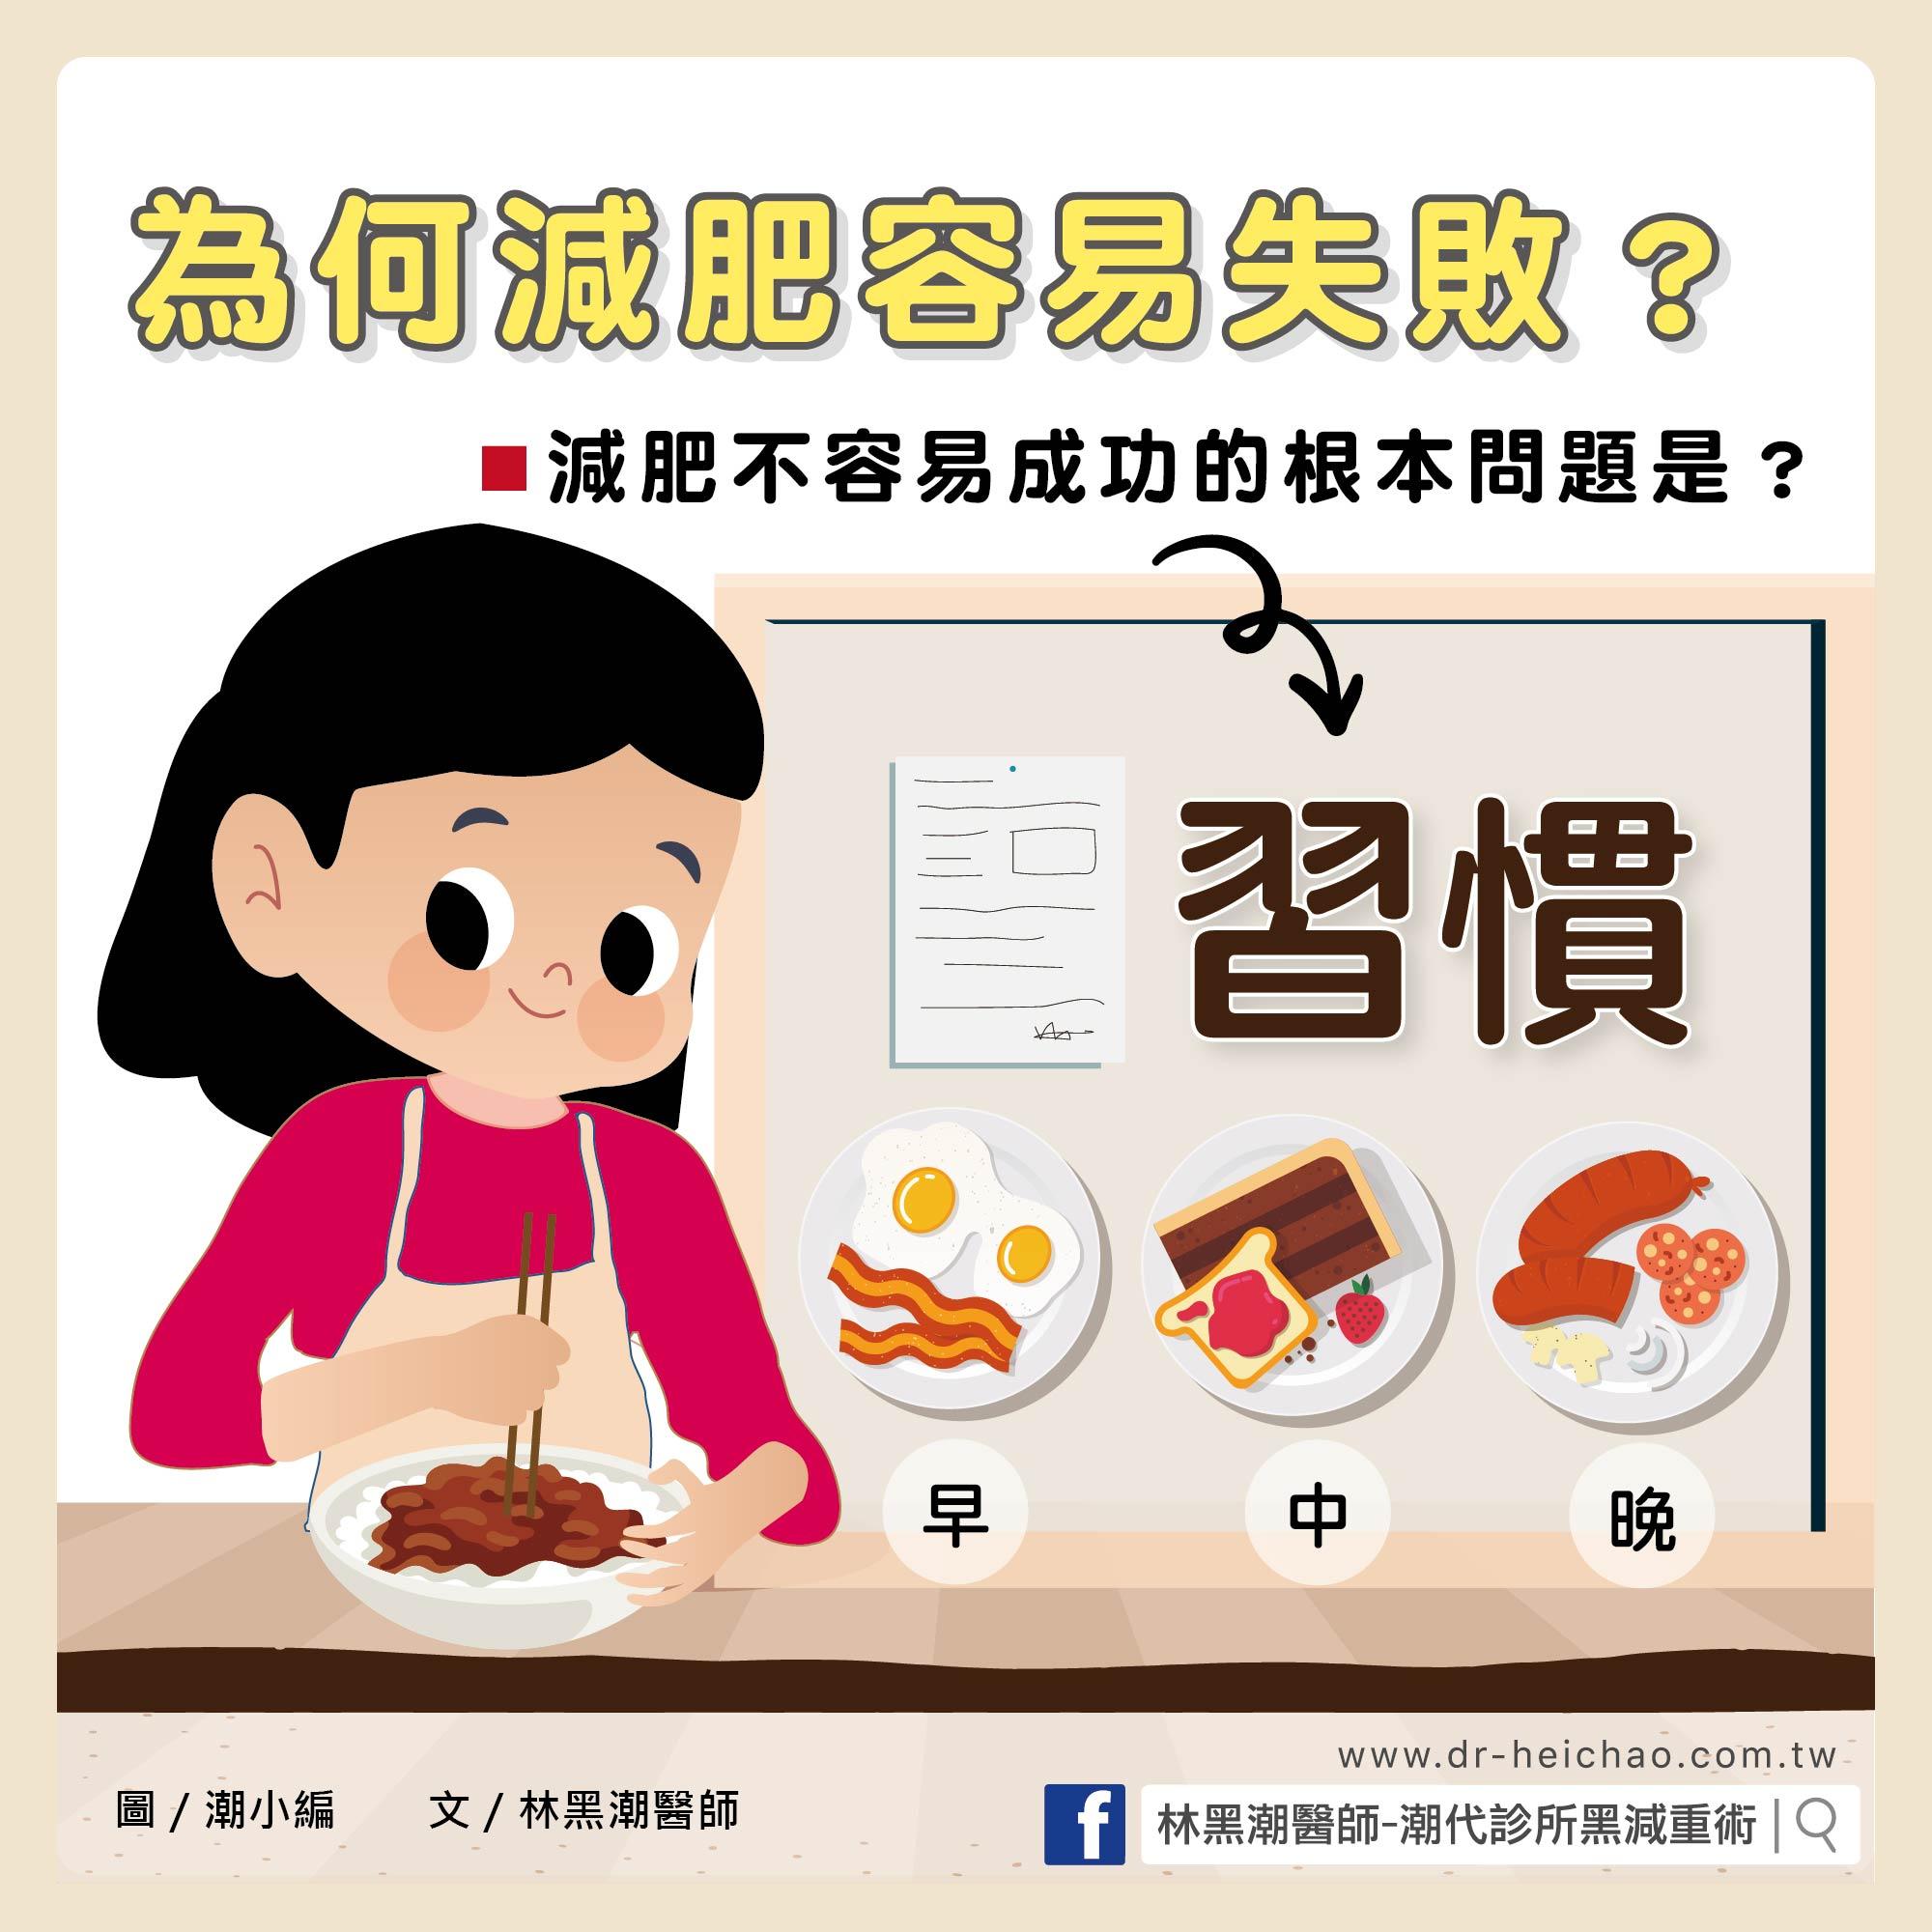 為何減肥容易失敗?/文:林黑潮醫師